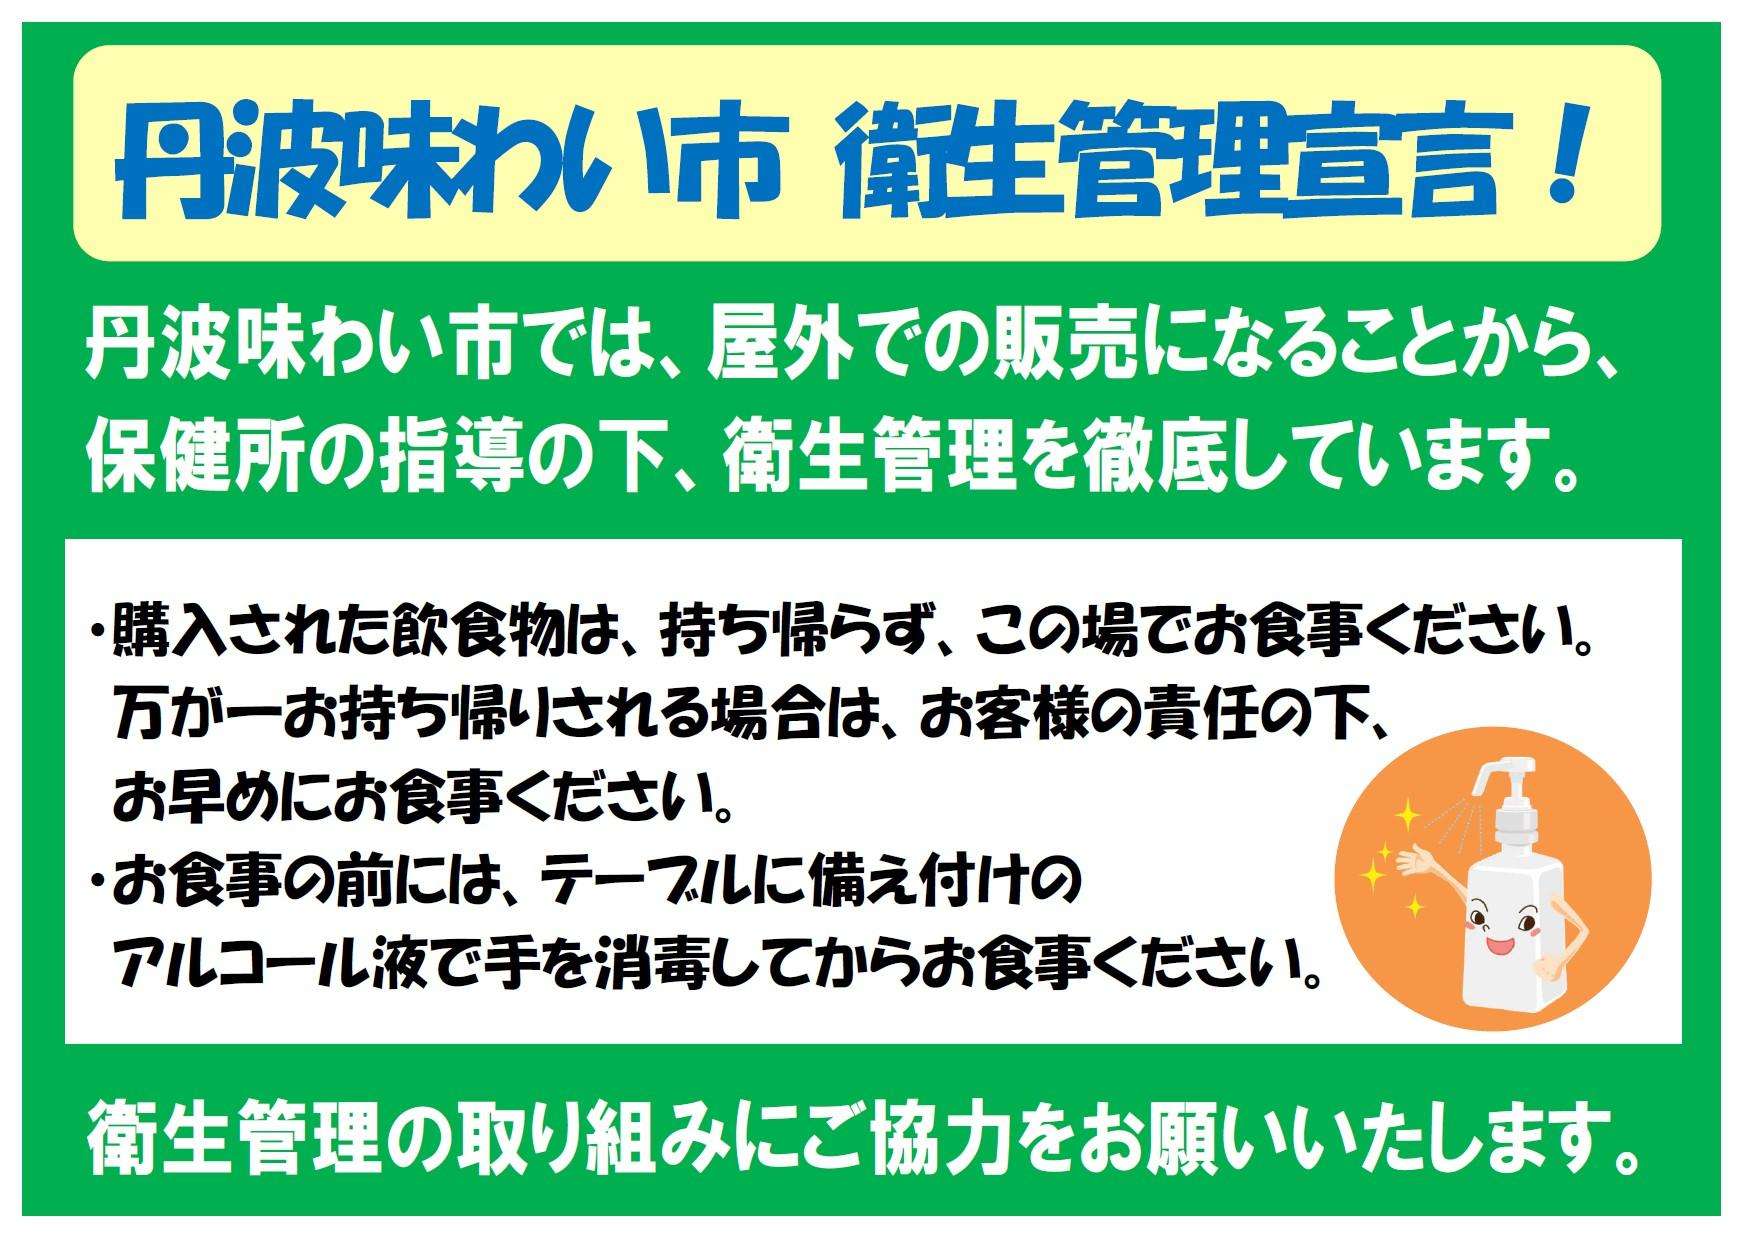 ajiwaiichi.jpg